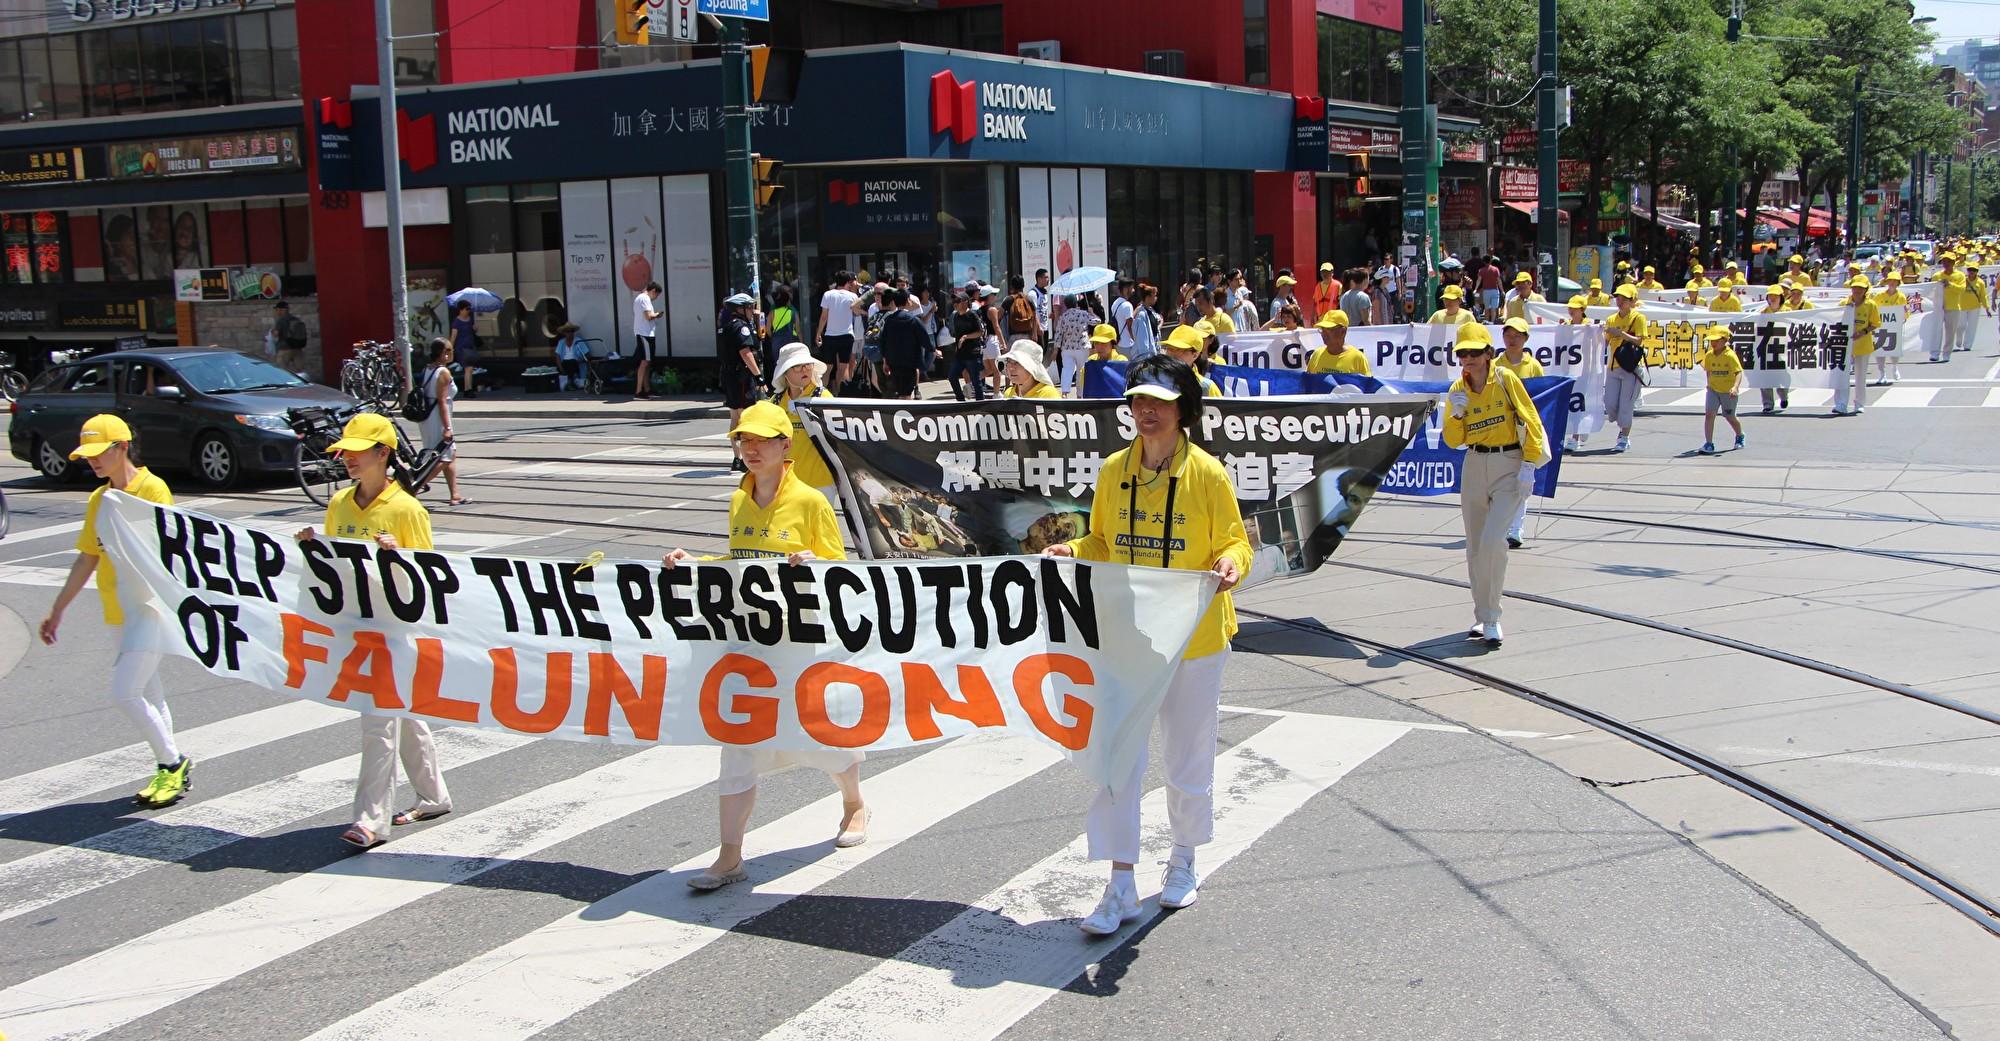 7月20日,加東地區法輪功學員舉行盛大遊行,紀念反迫害20周年,圖為學員手拿橫幅「幫助停止迫害法輪功。(Jimmy Pizolinas/大紀元)